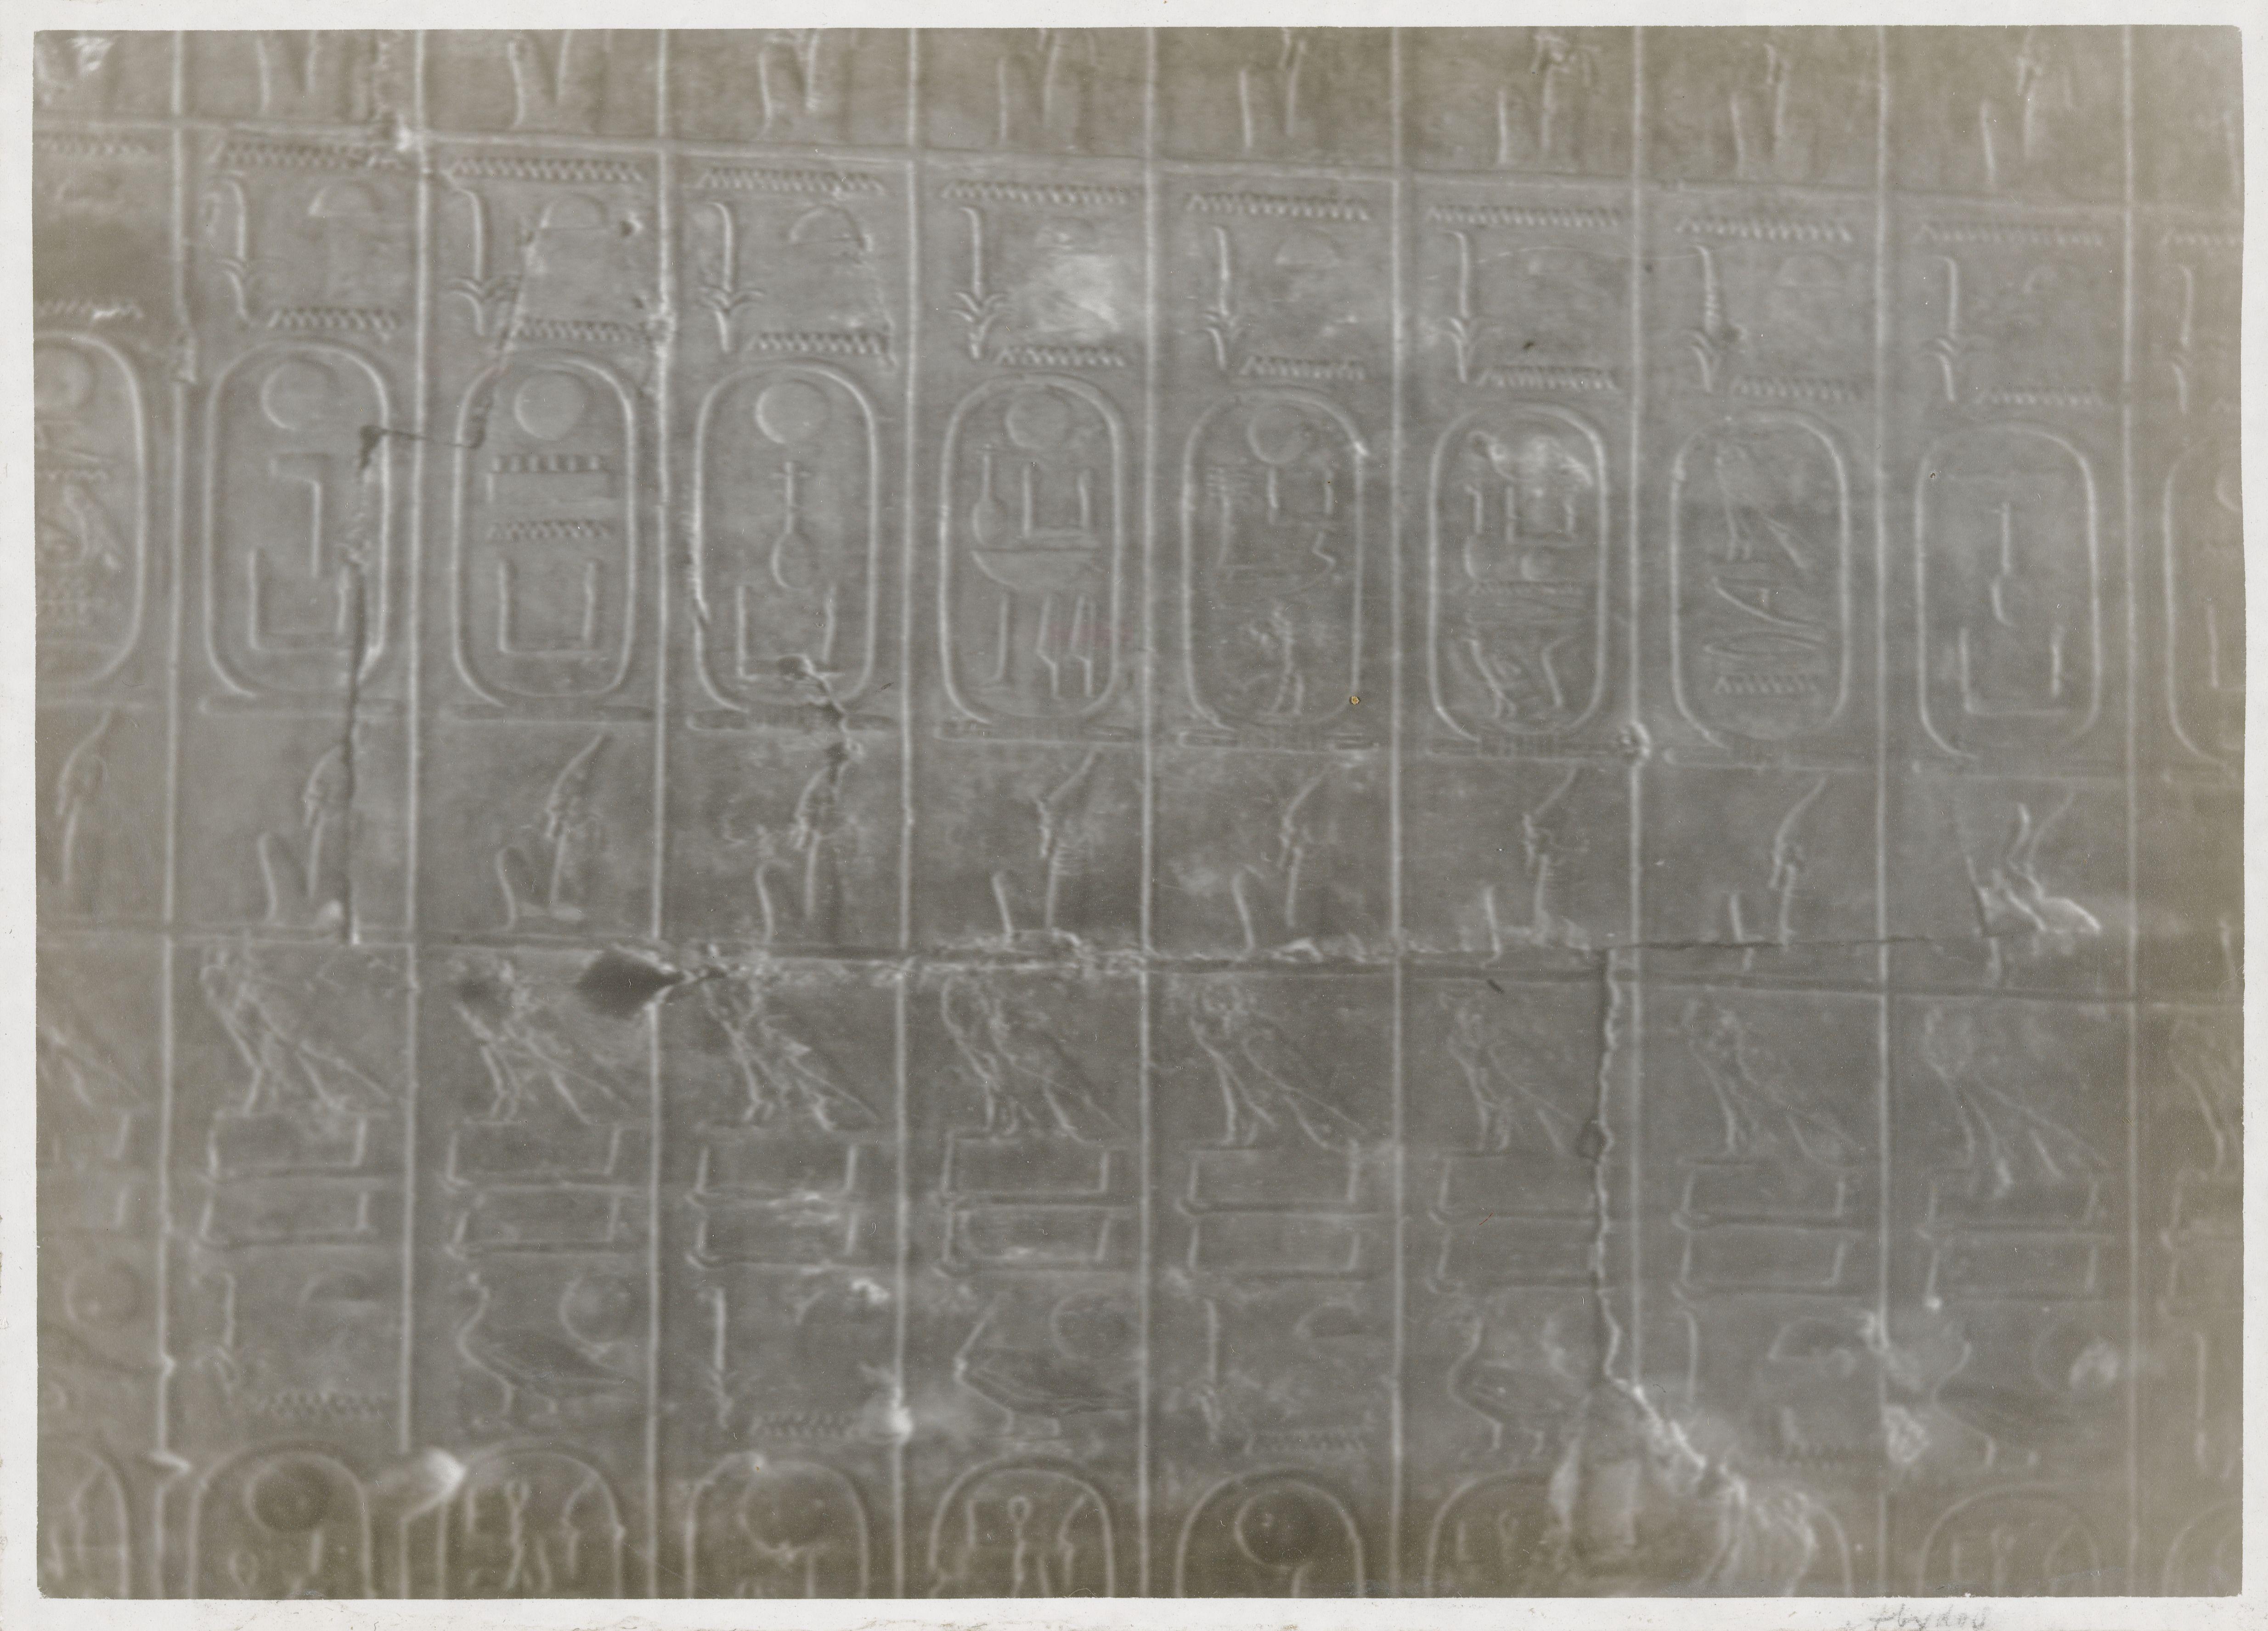 Абидос. Поминальный храм Сети I. Часть Абидосского списка царей